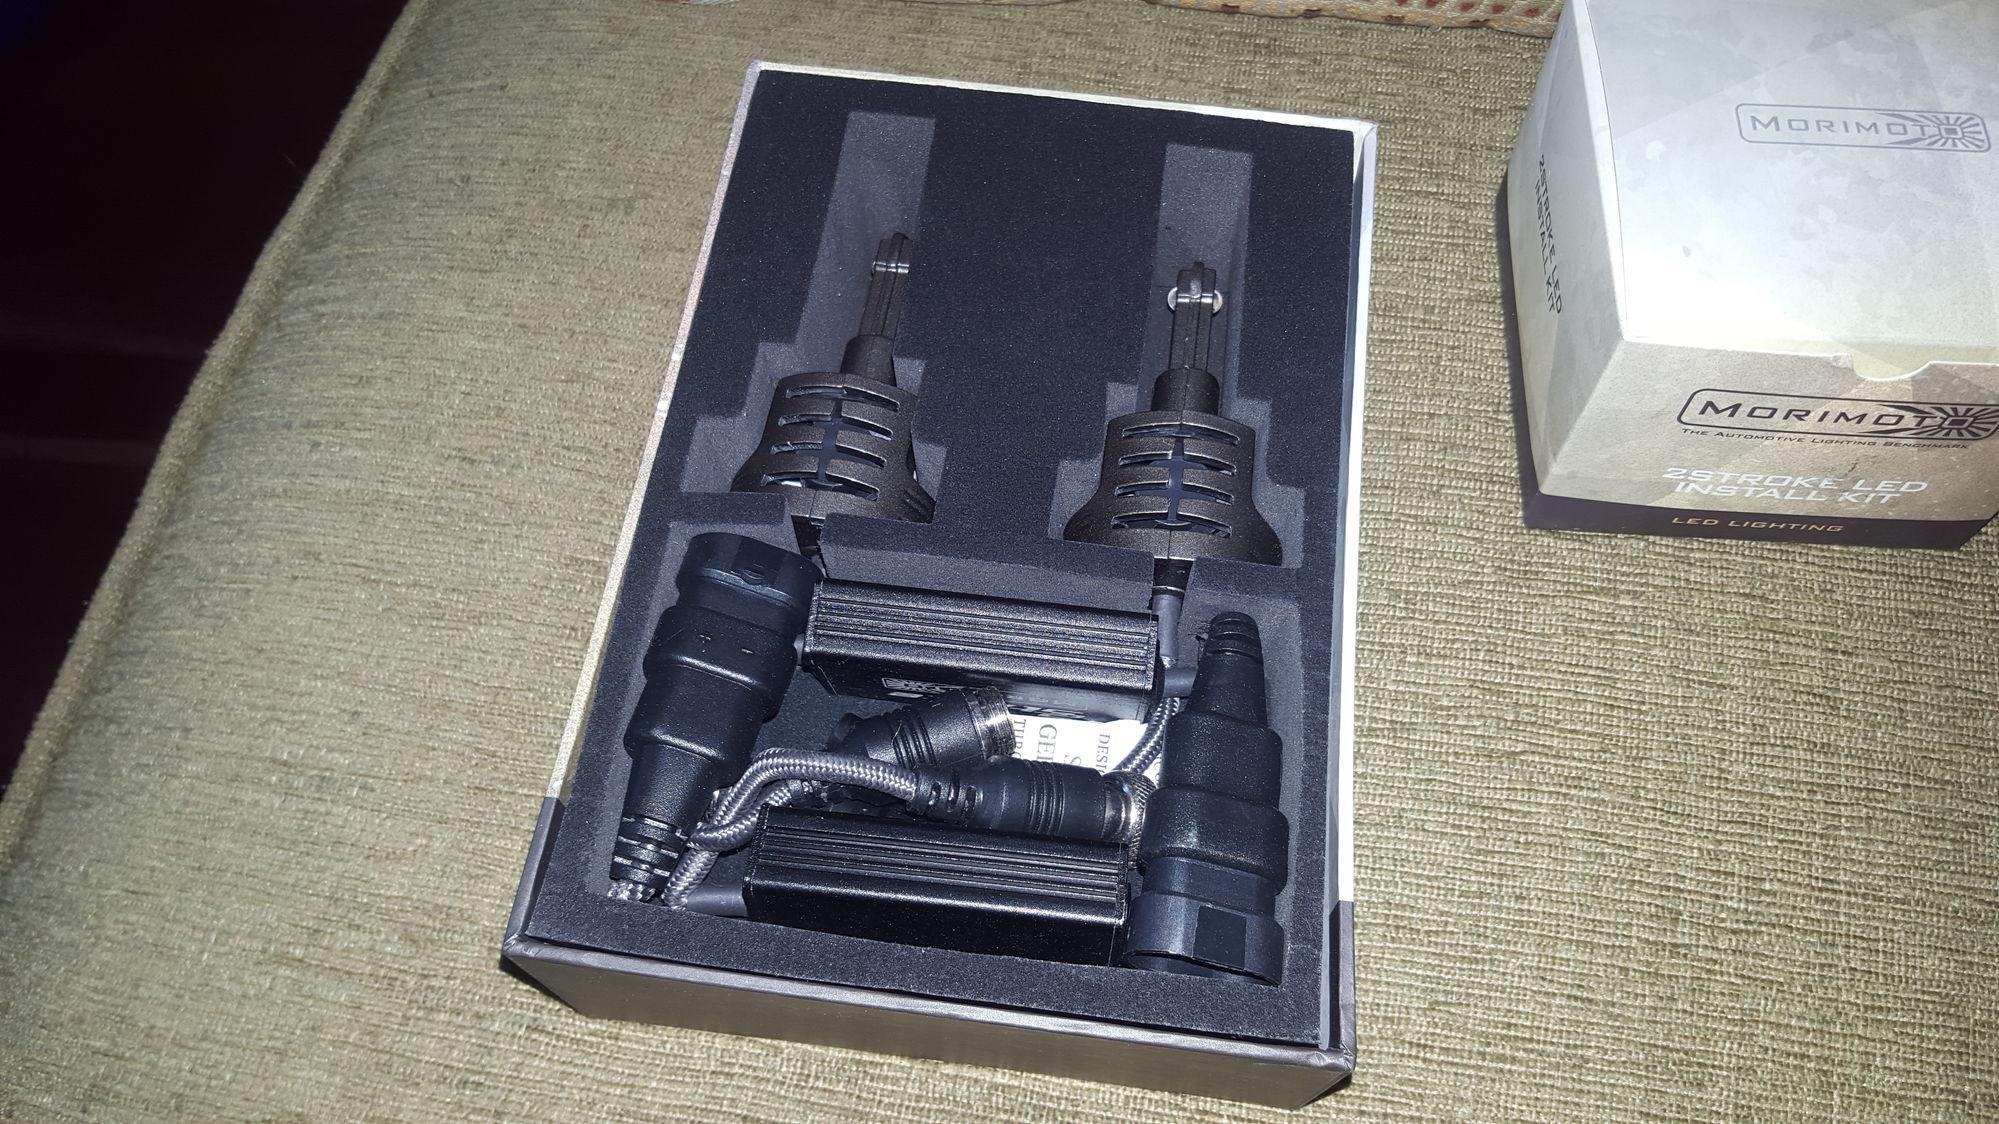 схема электронного балласта elxc 418.204